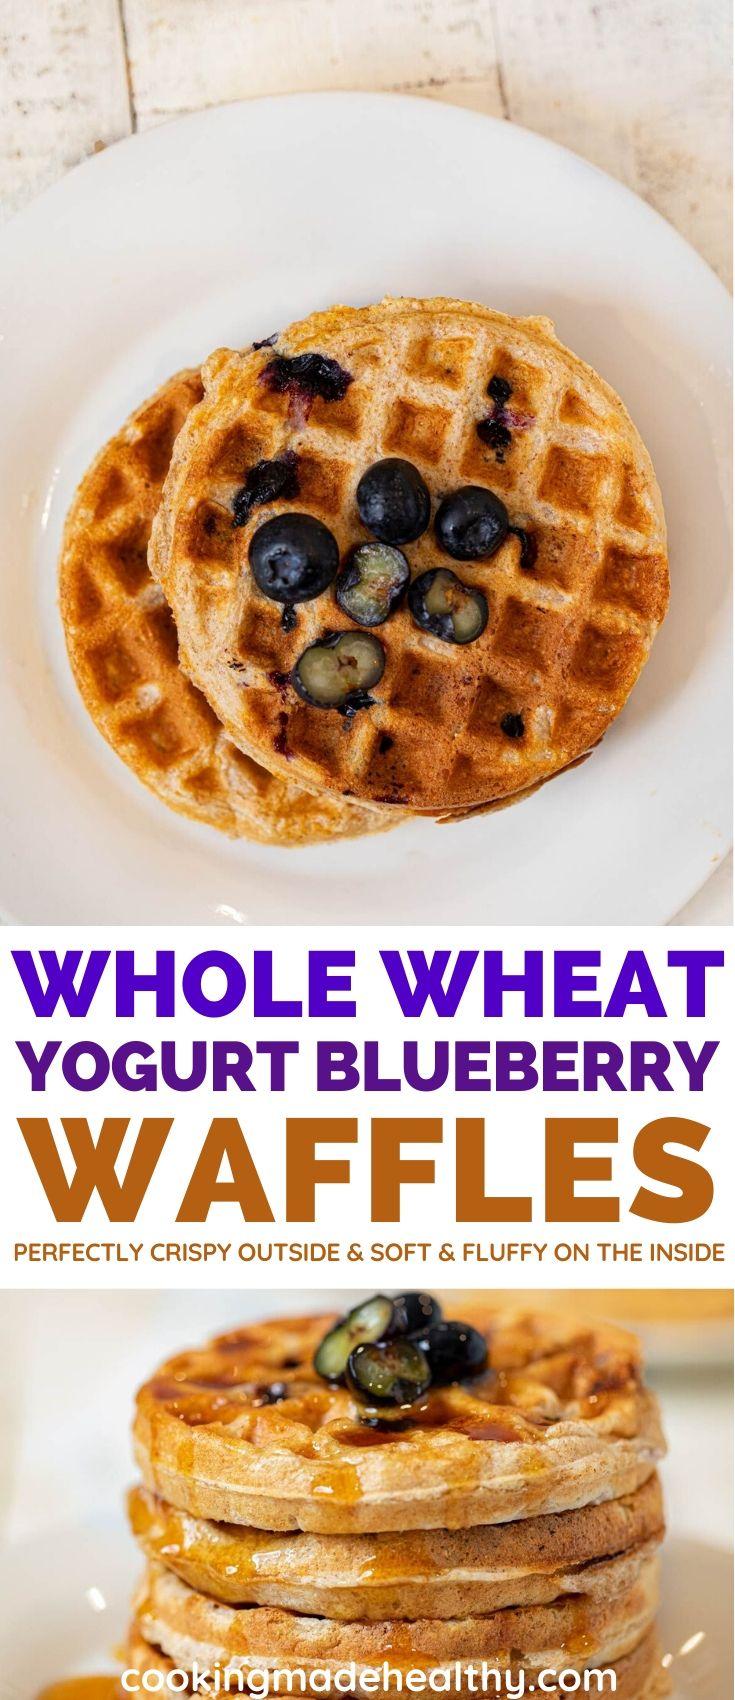 Healthy Yogurt Blueberry Waffles collage